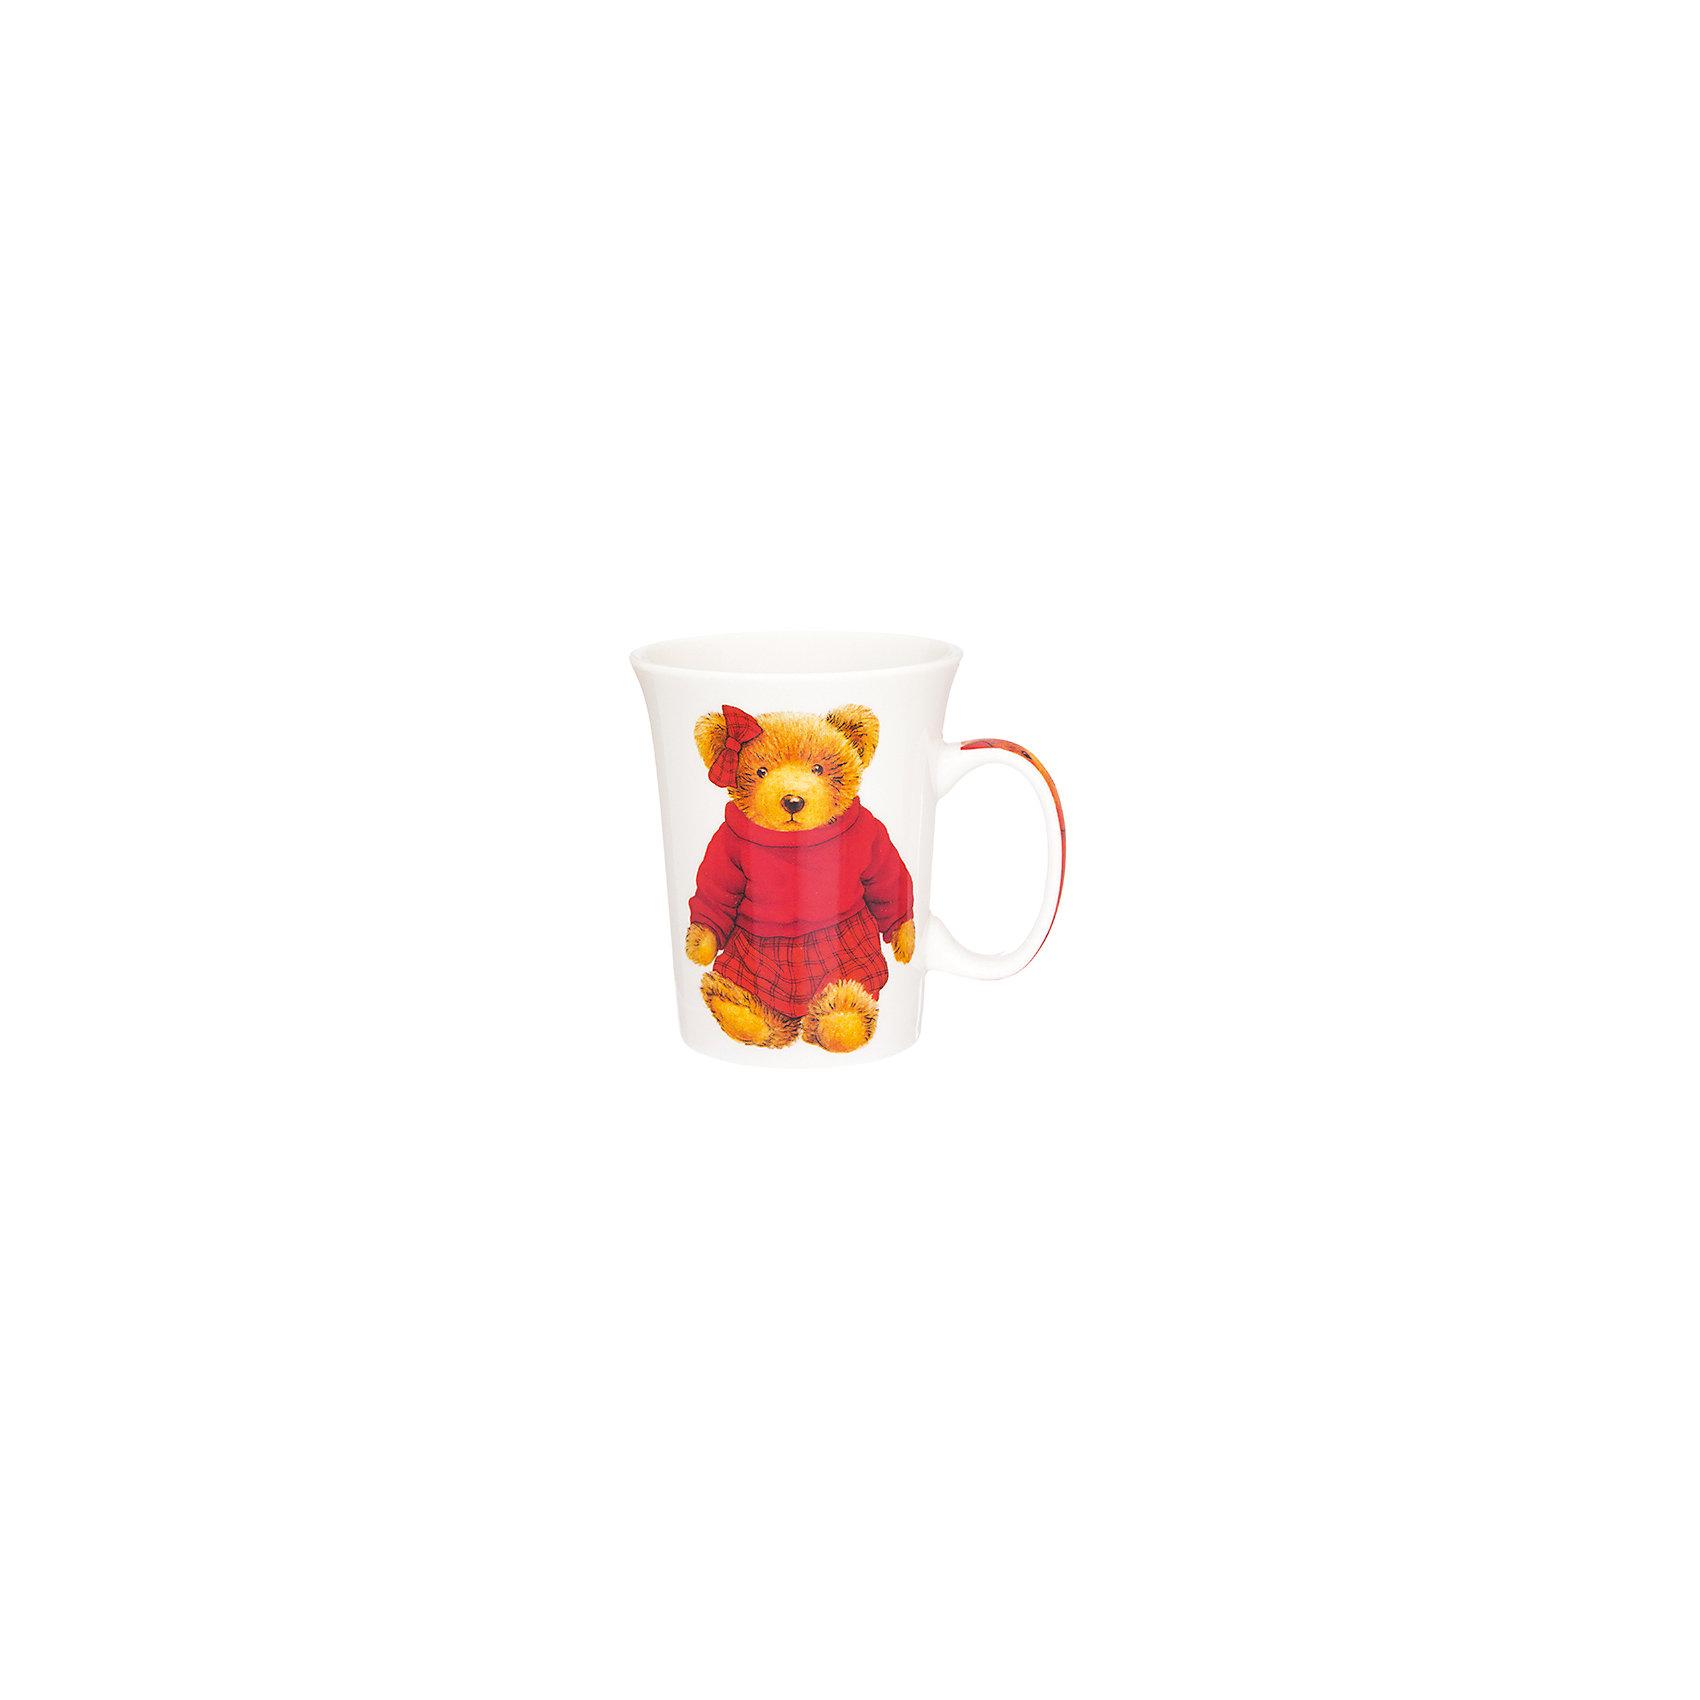 Кружка 300 мл Мишка в красном с бантиком, Elan GalleryПосуда<br>Кружка 300 мл  Elan Gallery 11,5*8,5*10 см. Мишка в красном с бантиком, Elan Gallery Кружка классической формы объемом 300 мл с удобной ручкой. Подходят для любых горячих и холодных напитков, чая, кофе, какао. Изделие имеет подарочную упаковку, поэтому станет желанным подарком для Ваших близких! Не рекомендуется применять абразивные моющие средства.<br><br>Ширина мм: 100<br>Глубина мм: 100<br>Высота мм: 110<br>Вес г: 300<br>Возраст от месяцев: 0<br>Возраст до месяцев: 1188<br>Пол: Унисекс<br>Возраст: Детский<br>SKU: 6668905